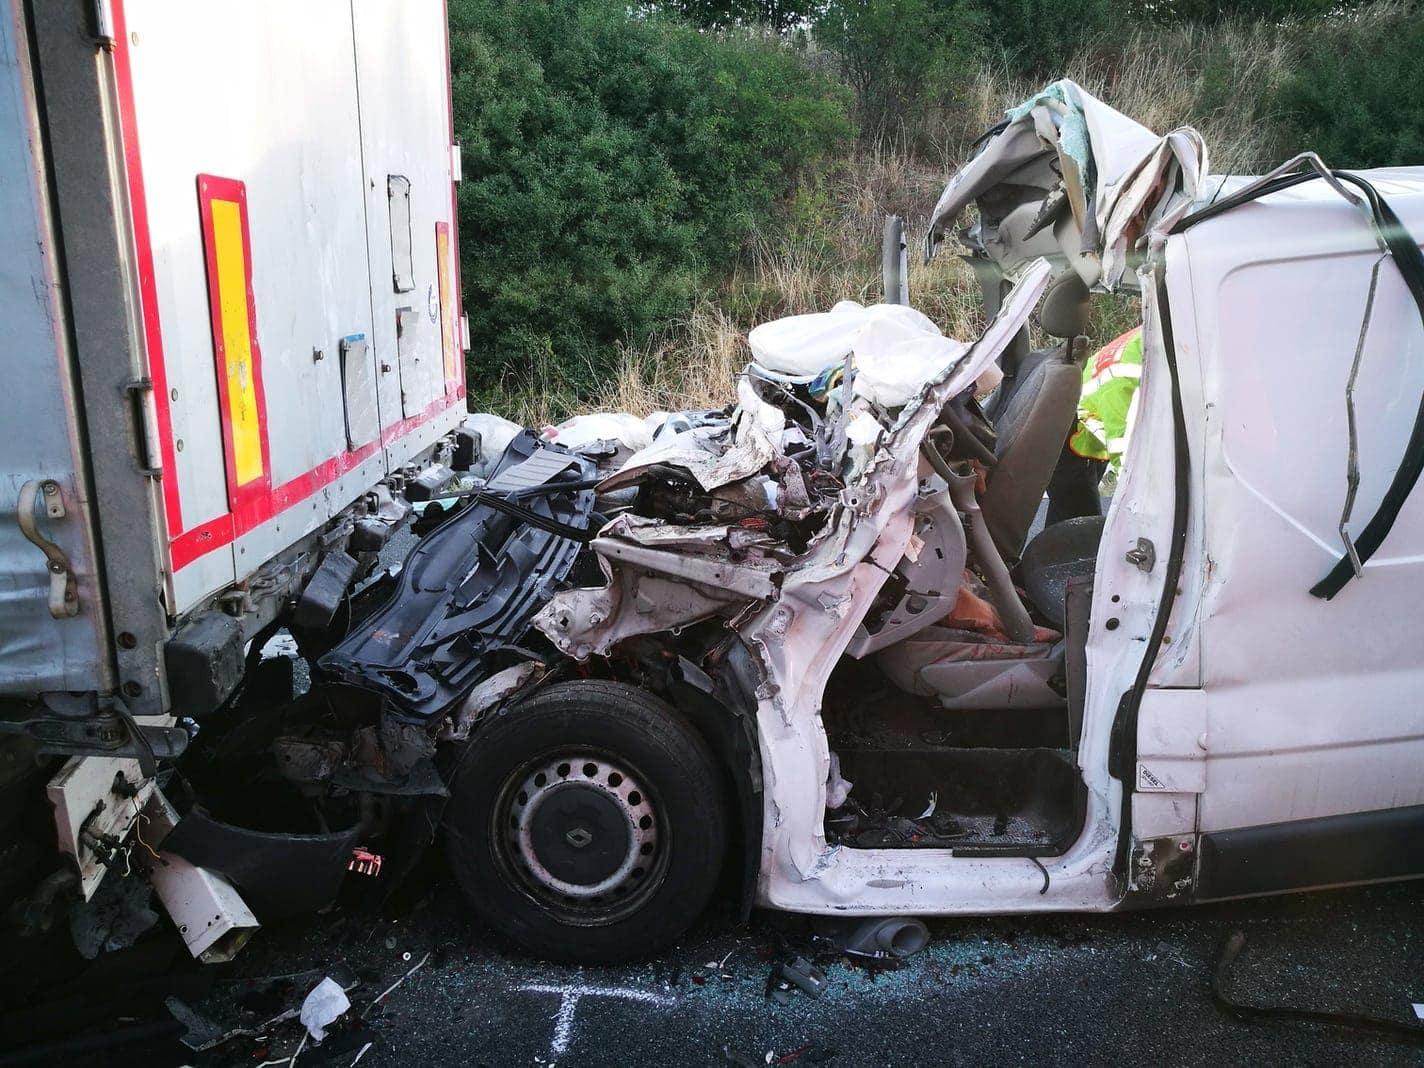 Lkw Unfall Heute A2